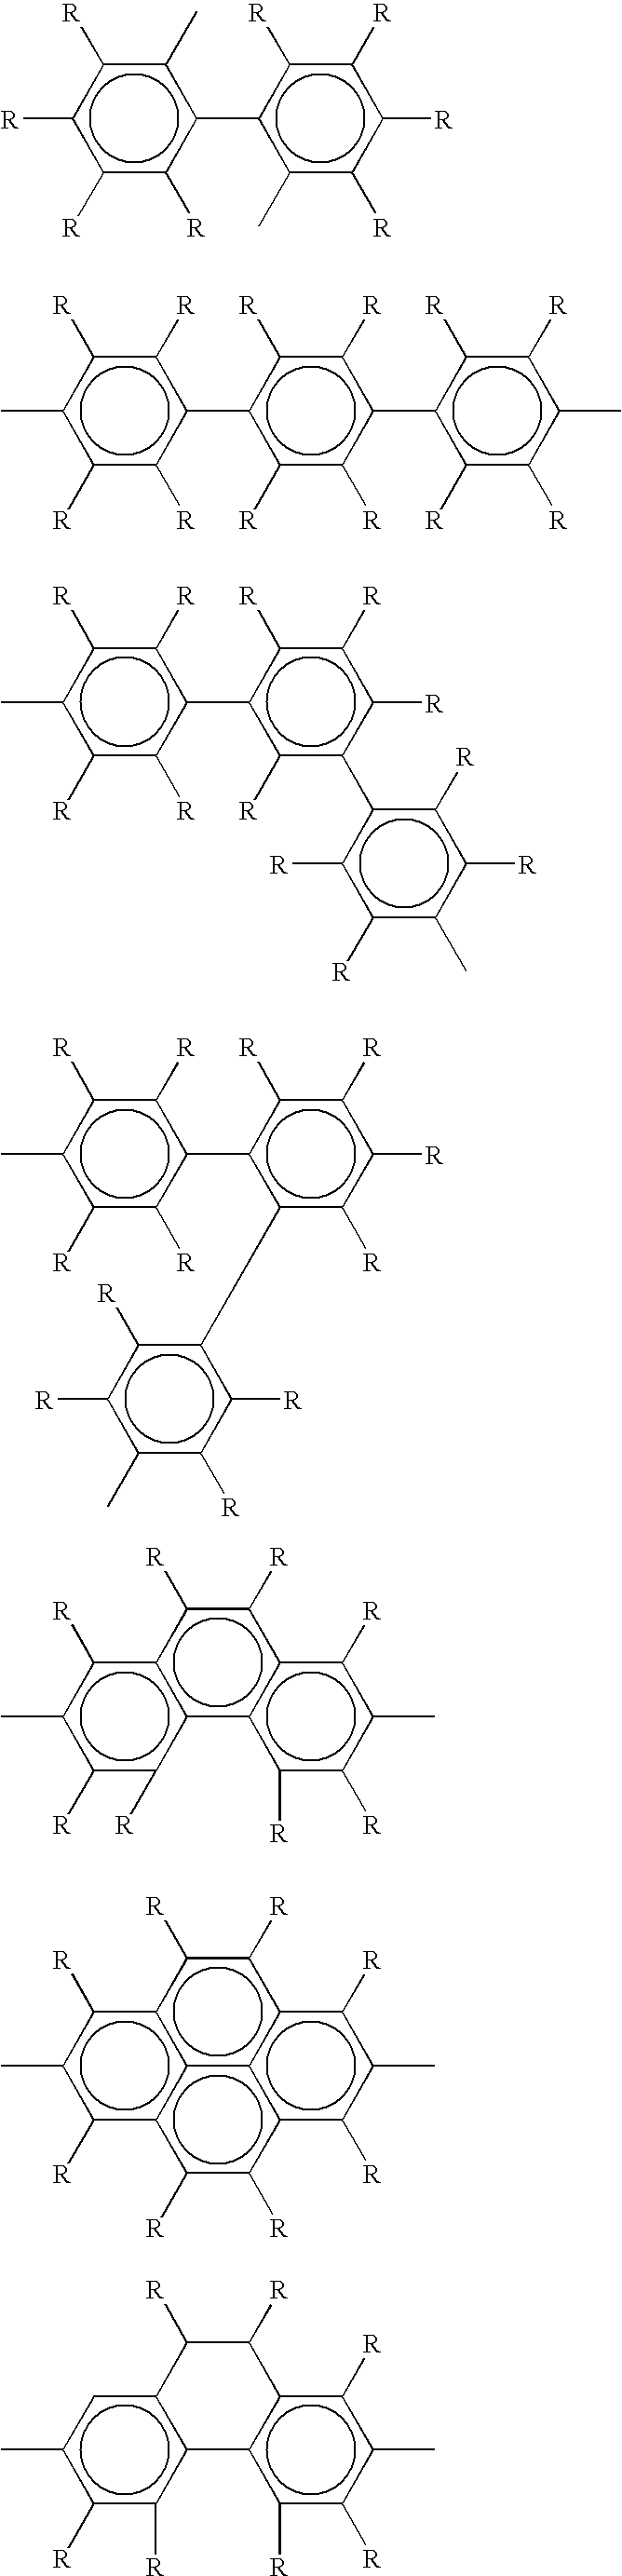 Figure US20070248842A1-20071025-C00006